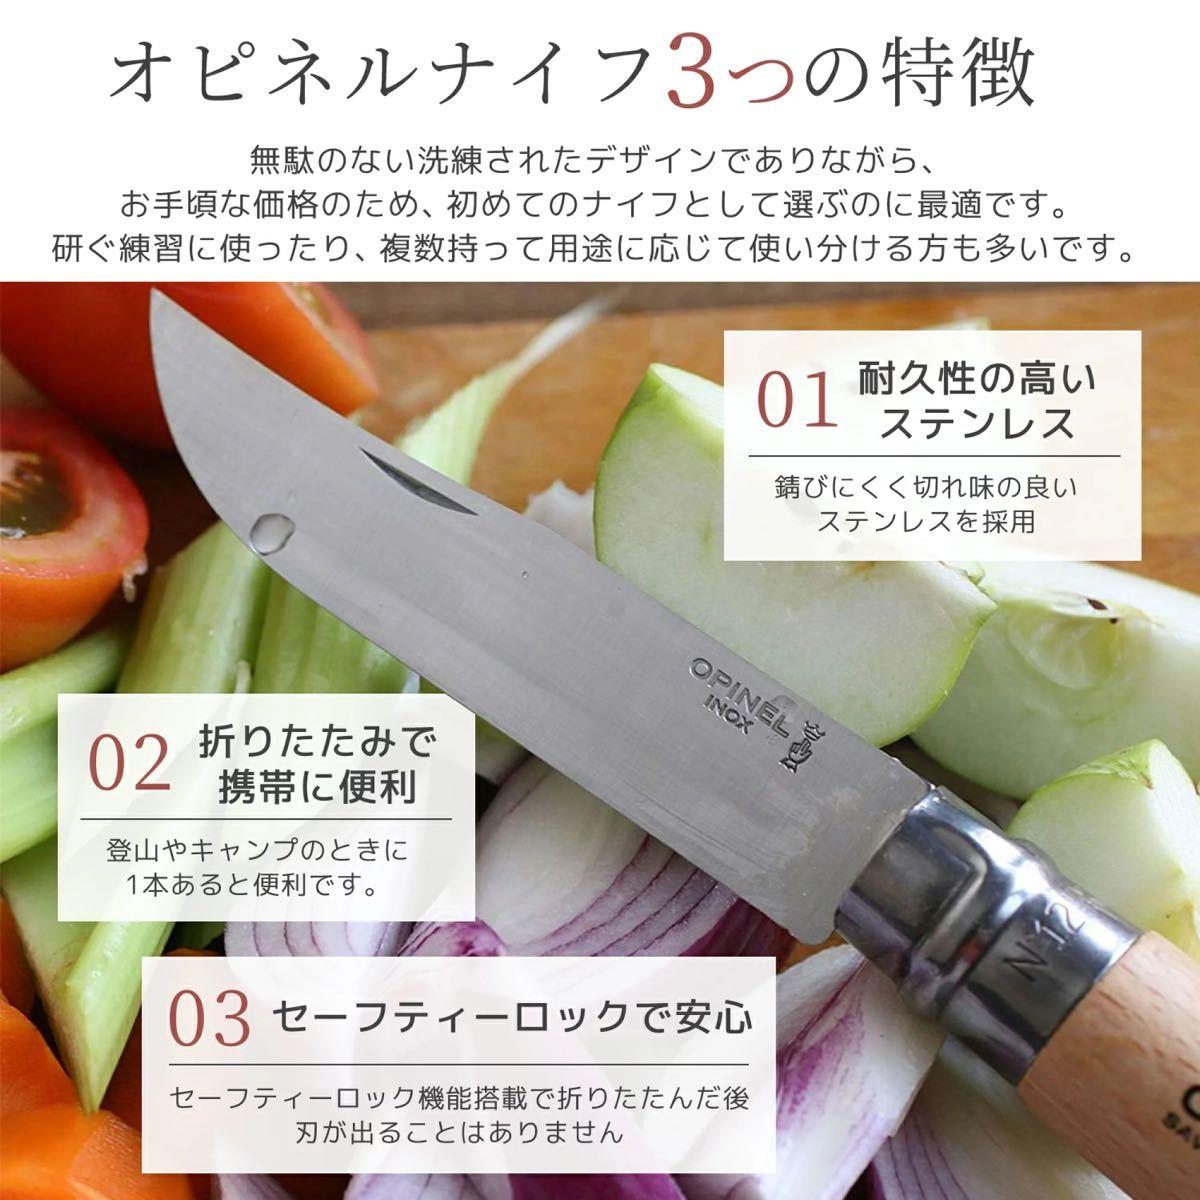 オピネルナイフ #9 9cm  新品 ソロキャンプに オススメ OPINEL KNIFE ステンレス